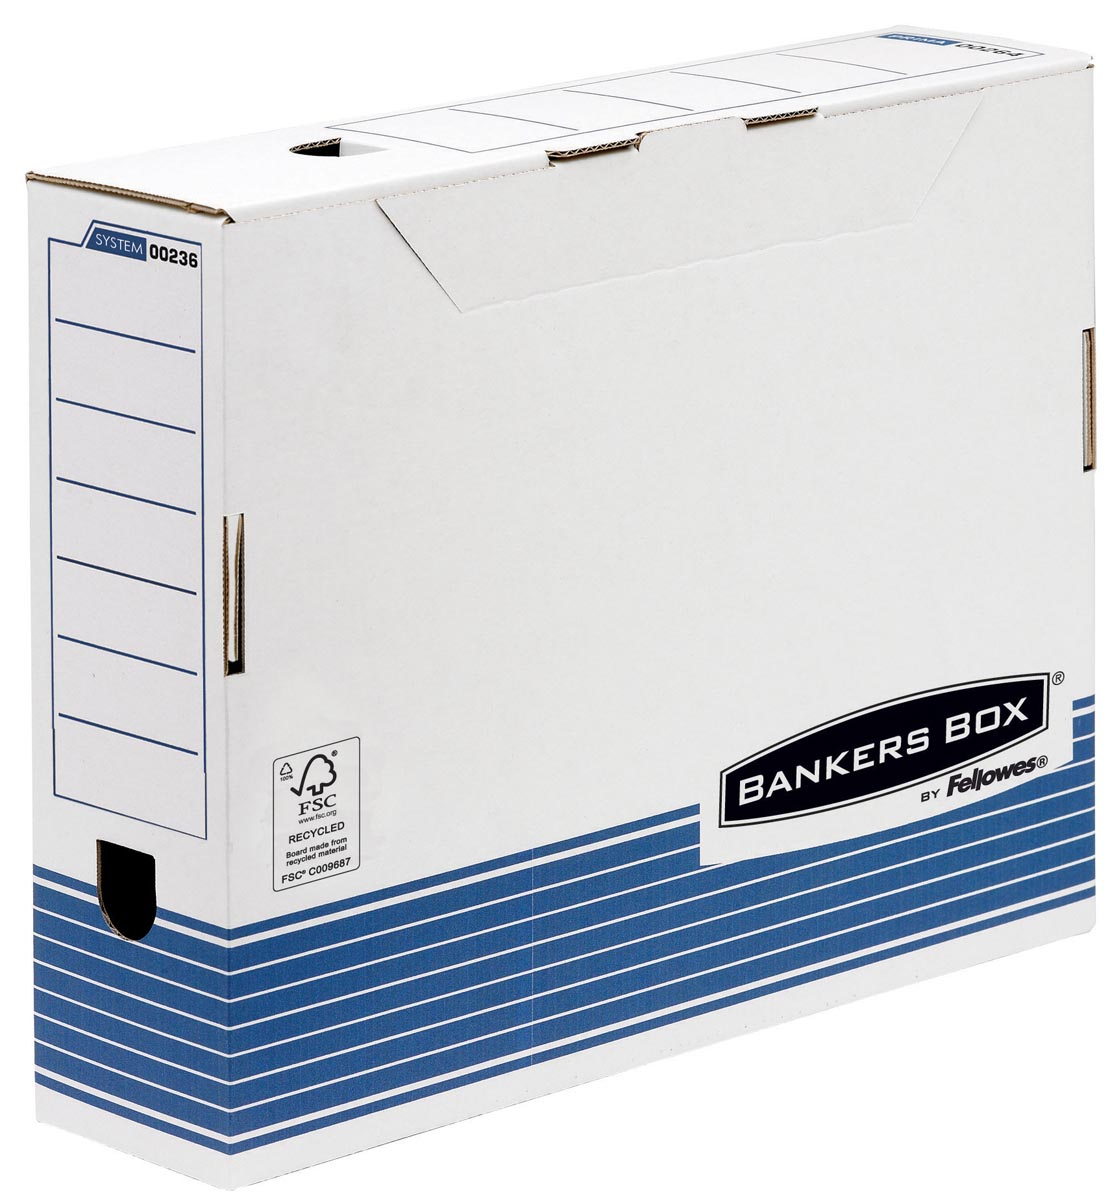 Archiefdoos Bankers Box voor ft A3 (43 x 31,5 cm), 1 stuk